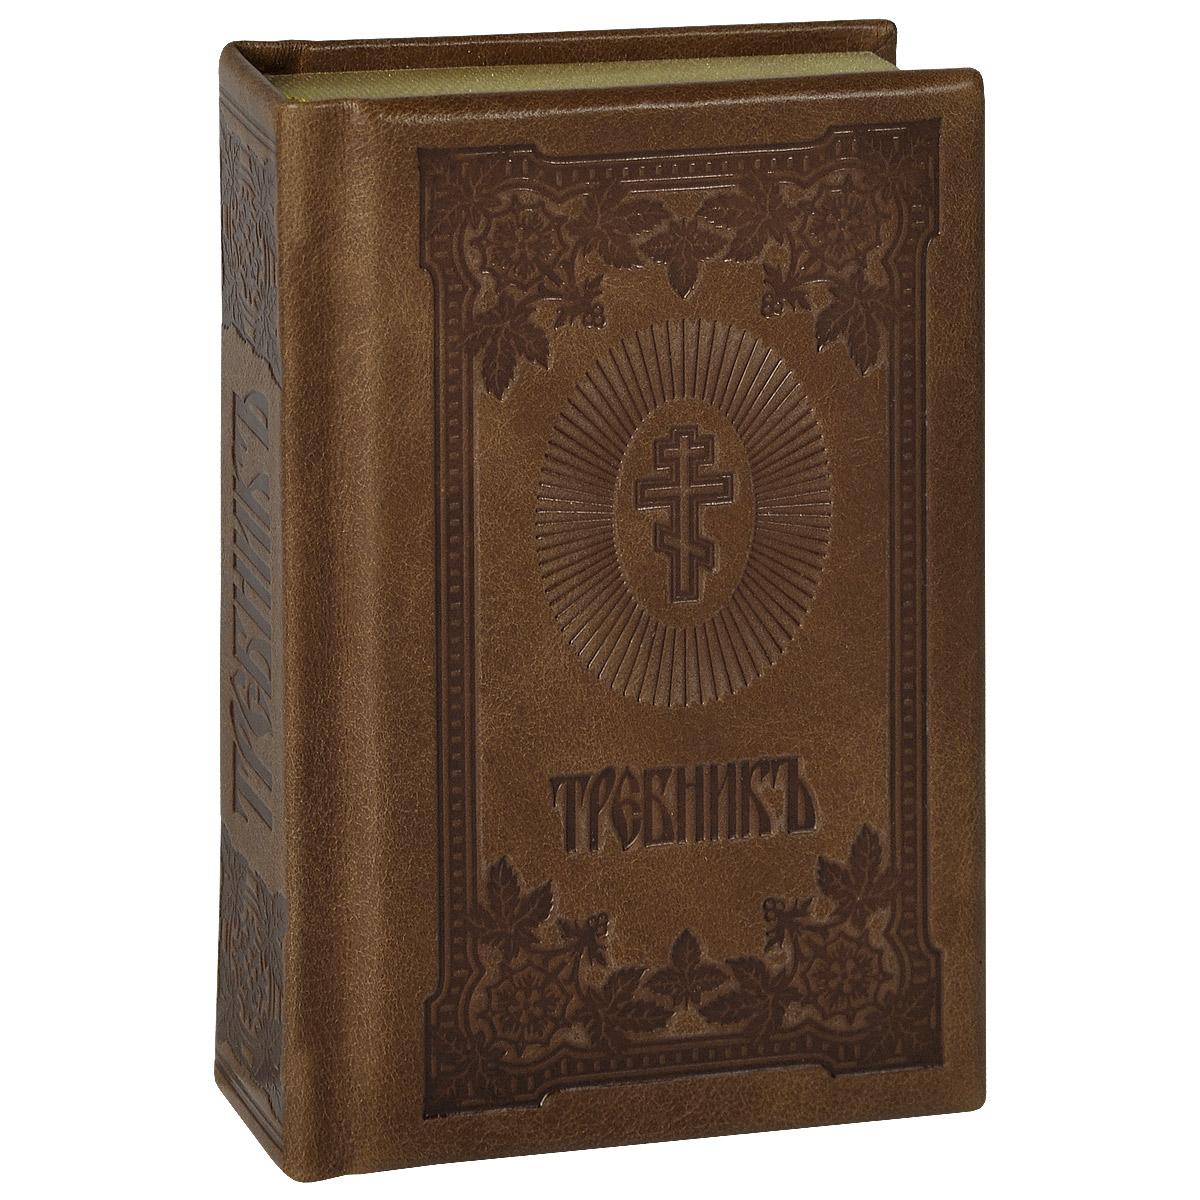 Требник (подарочное издание)